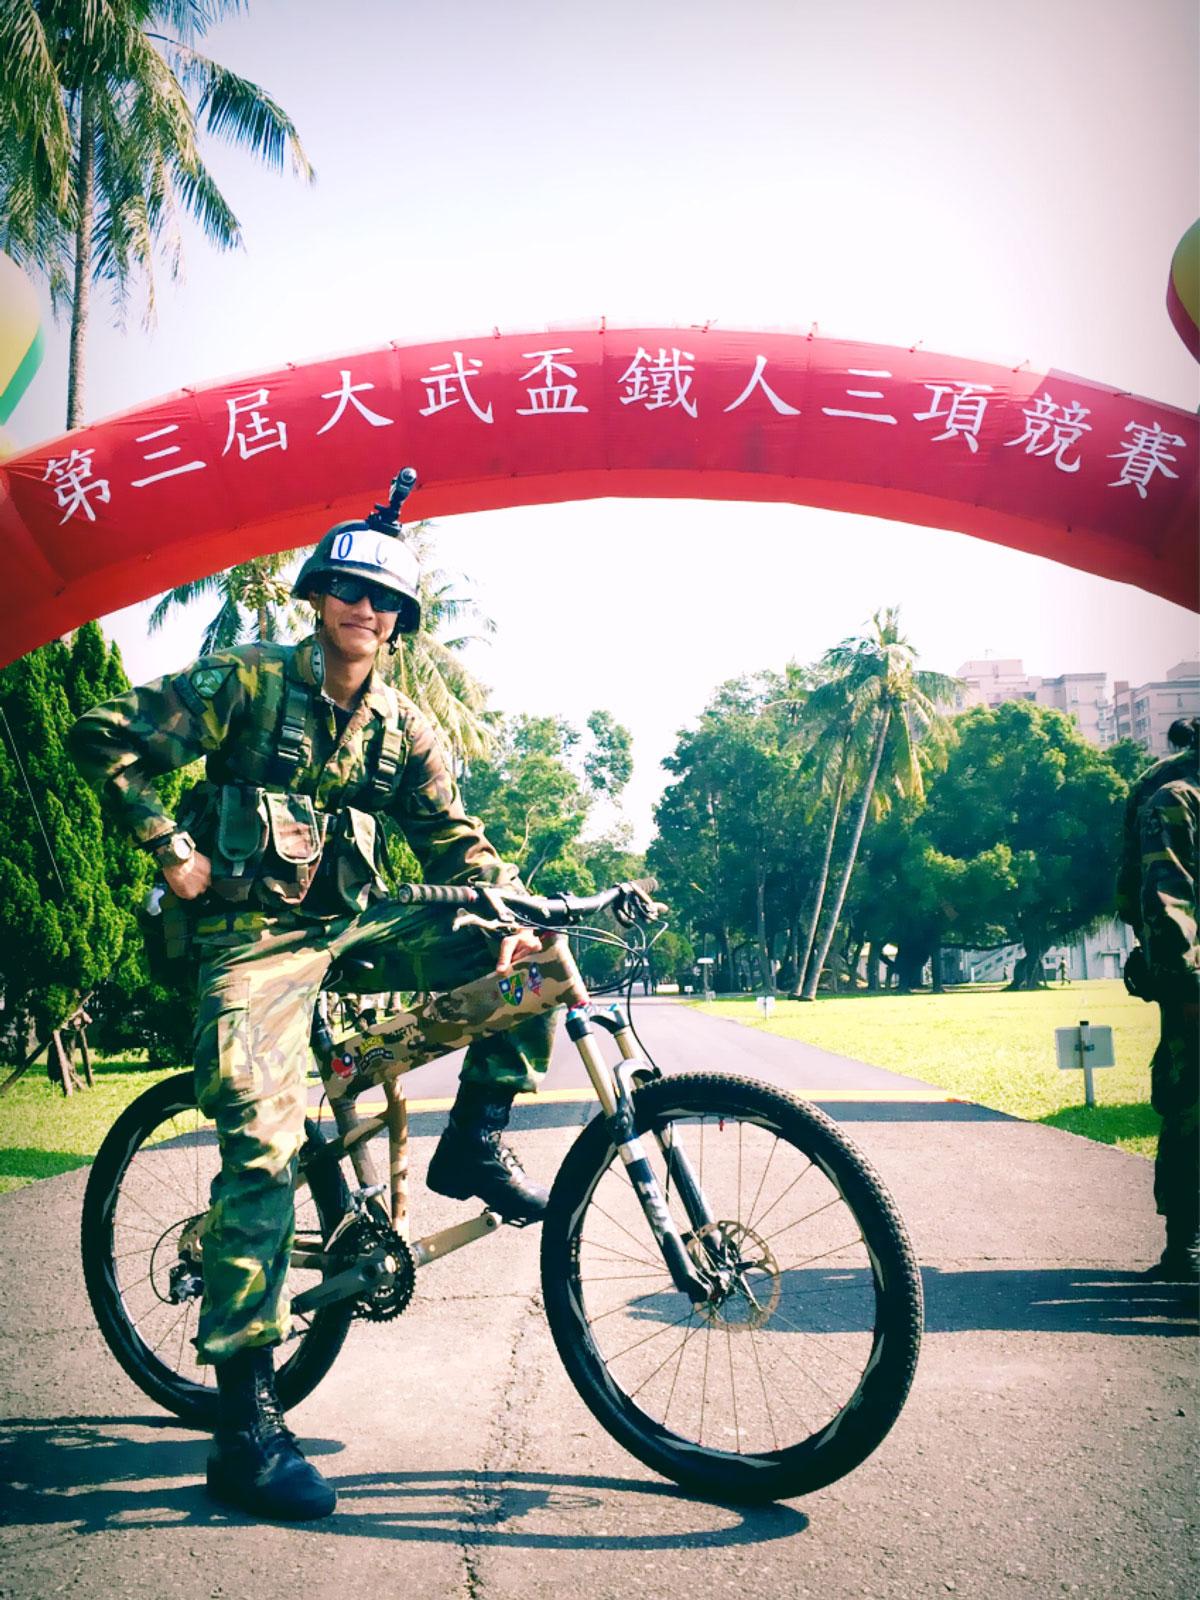 Ryan-Wang---Dawu-Super-Cup-Triathlon-3-3x4